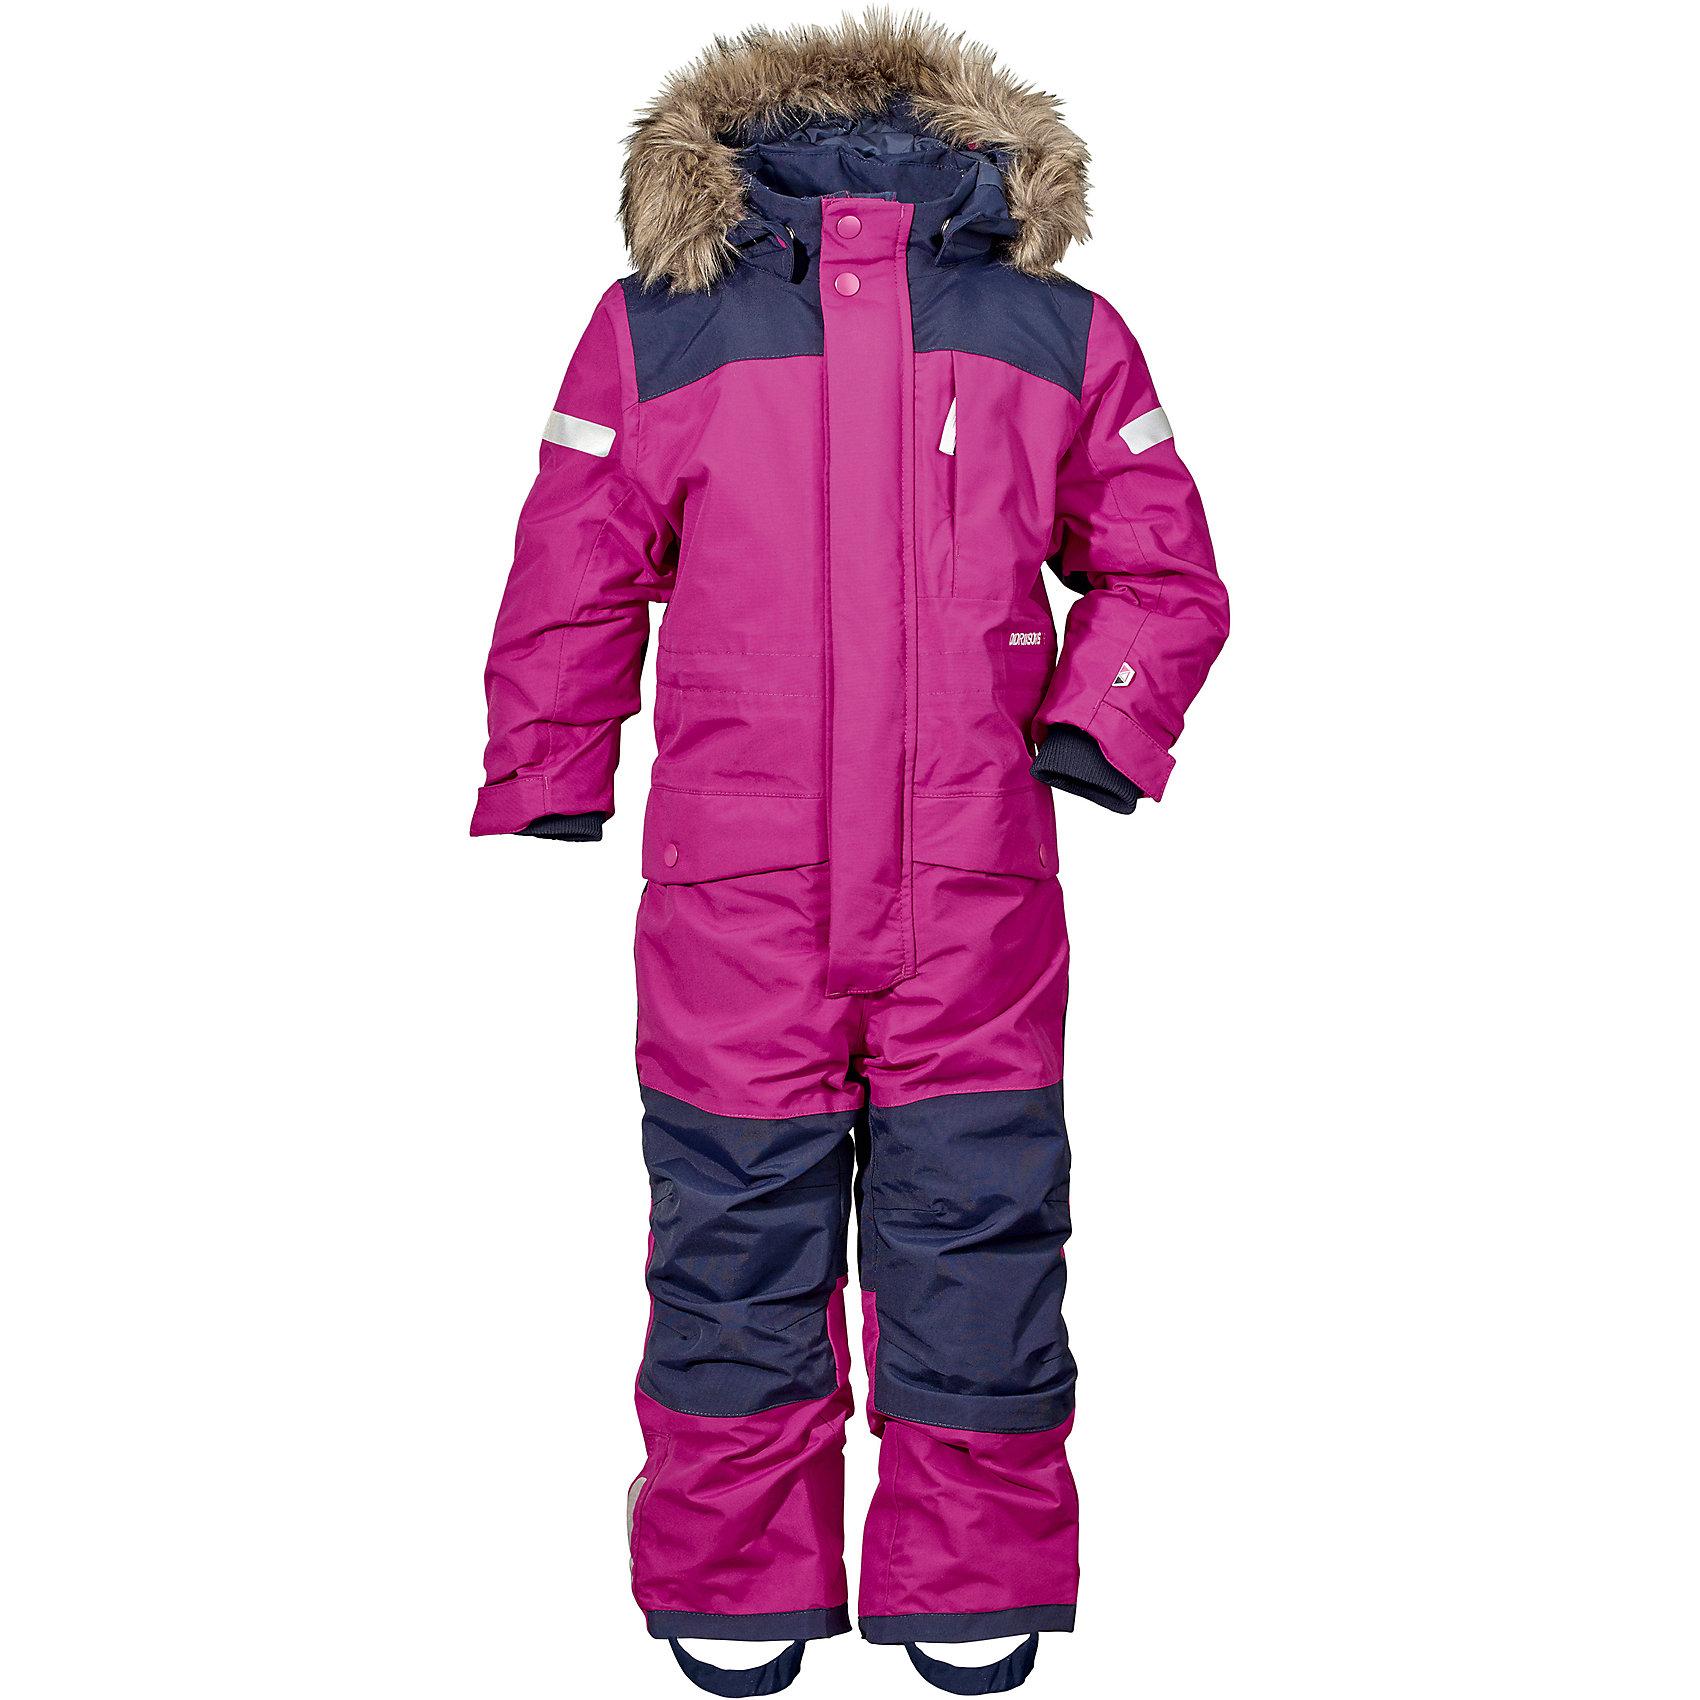 Комбинезон BJORNEN  DIDRIKSONS для девочкиВерхняя одежда<br>Характеристики товара:<br><br>• цвет: сиреневый<br>• состав ткани: 100% полиэстер<br>• подкладка: 100% полиэстер<br>• утеплитель: 100% полиэстер<br>• сезон: зима<br>• мембранное покрытие<br>• температурный режим: от -20 до 0<br>• водонепроницаемость: 10000 мм <br>• паропроницаемость: 4000 г/м2<br>• плотность утеплителя: 180 г/м2<br>• швы проклеены<br>• съемный капюшон<br>• съемный искусственный мех на капюшоне<br>• регулируемый капюшон, талия, рукава и ширина штанин<br>• внутренние эластичные манжеты с отверстием для большого пальца<br>• снежные гетры<br>• крепления для перчаток и ботинок<br>• светоотражающие детали<br>• застежка: молния, кнопки<br>• штрипки<br>• конструкция позволяет увеличить длину рукава и штанин на один размер<br>• страна бренда: Швеция<br>• страна изготовитель: Китай<br><br>Мембранный теплый комбинезон для ребенка дополнен удобным капюшоном, планкой от ветра и карманами. Плотный верх детского зимнего комбинезона не промокает и не продувается, его легко чистить. Мембранный детский комбинезон отлично подойдет для зимних морозов. Мягкая подкладка детского комбинезона делает его очень комфортной. <br><br>Комбинезон для девочки Bjornen Didriksons (Дидриксонс) можно купить в нашем интернет-магазине.<br><br>Ширина мм: 356<br>Глубина мм: 10<br>Высота мм: 245<br>Вес г: 519<br>Цвет: фиолетовый<br>Возраст от месяцев: 108<br>Возраст до месяцев: 120<br>Пол: Женский<br>Возраст: Детский<br>Размер: 140,90,100,110,120,130<br>SKU: 7045423